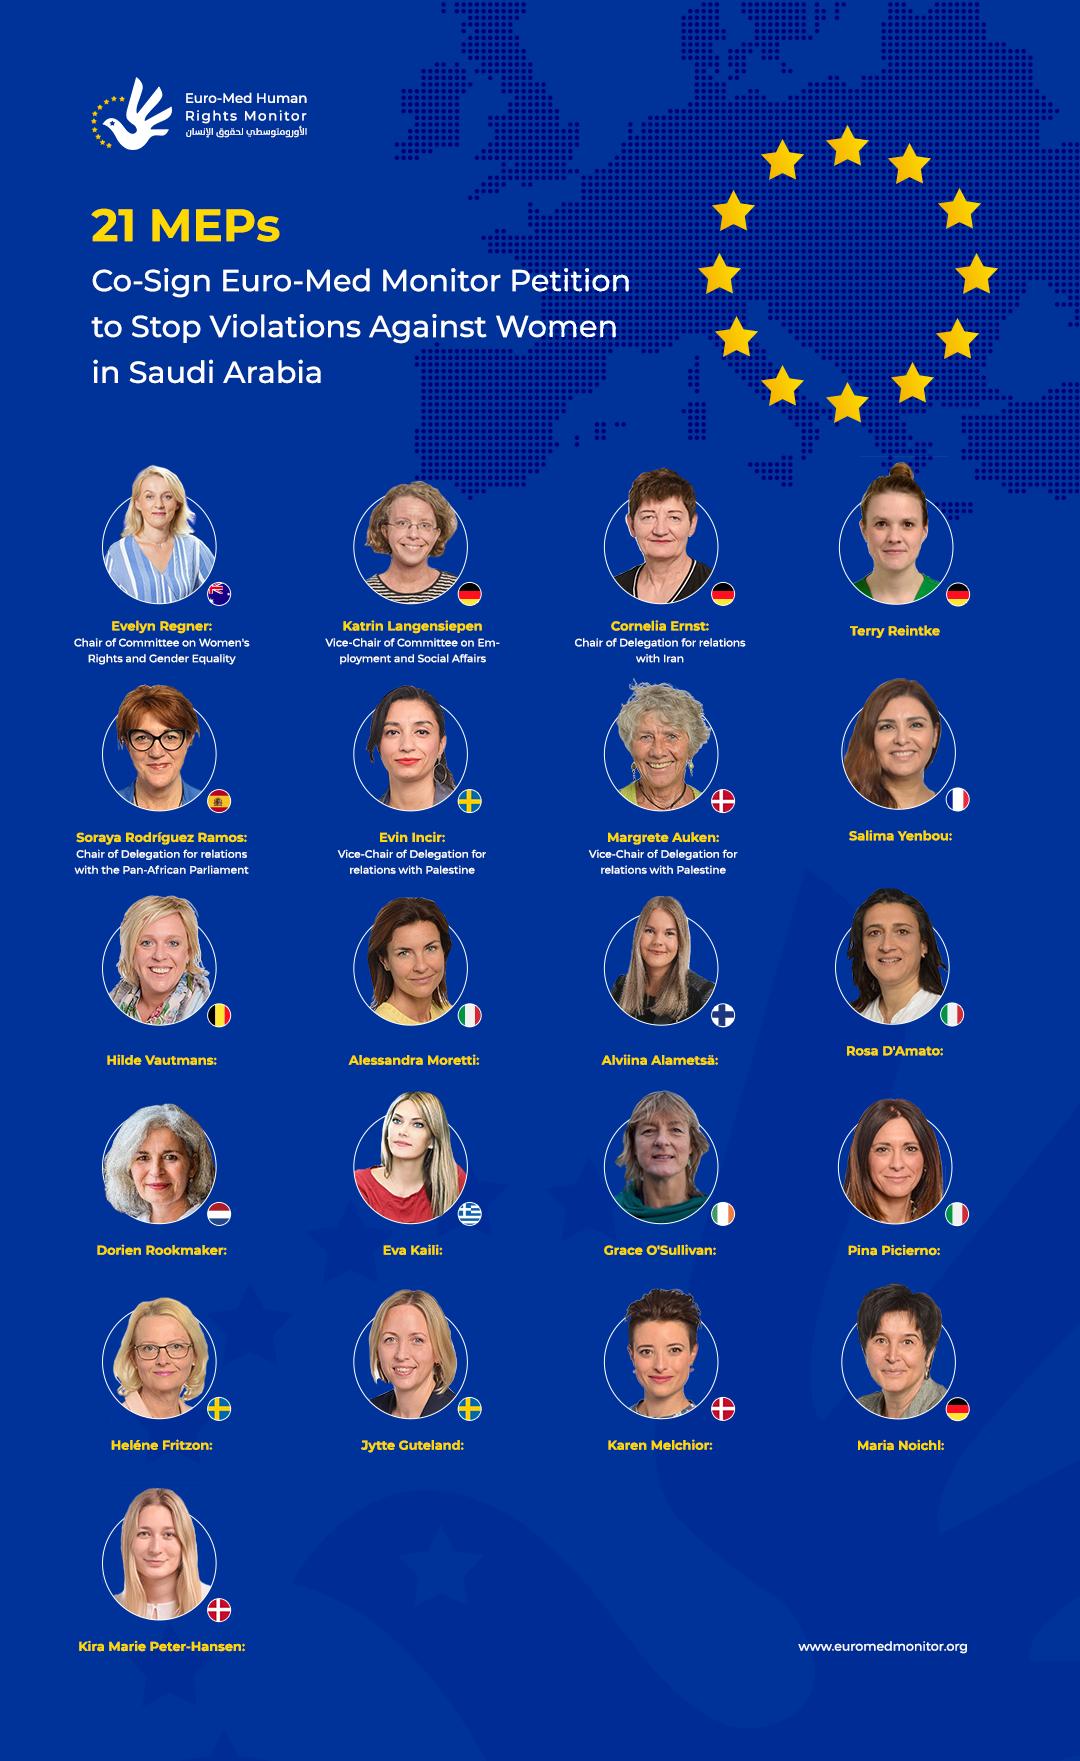 في عريضة للأورومتوسطي.. أكثر من 20 برلمانية أوروبية تطالبن بوقف الانتهاكات ضد النساء في السعودية